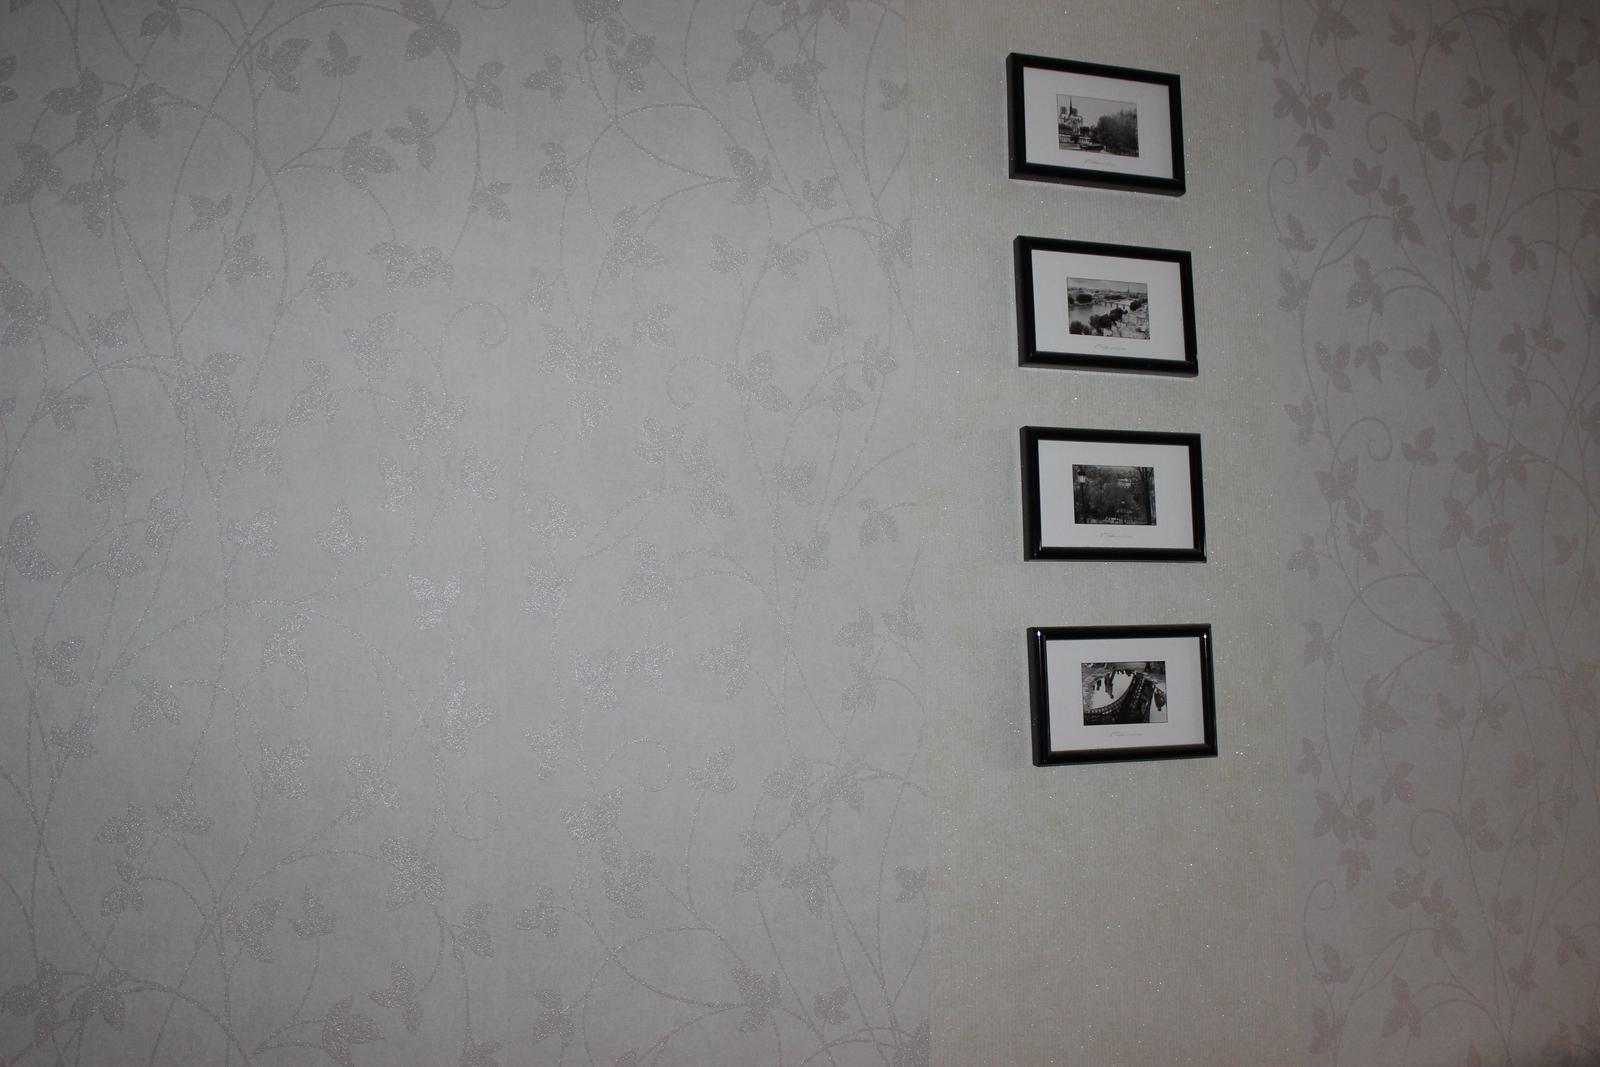 Šedozelenkavá vliesová tapeta, jemný vzor, 14m - Obrázok č. 3